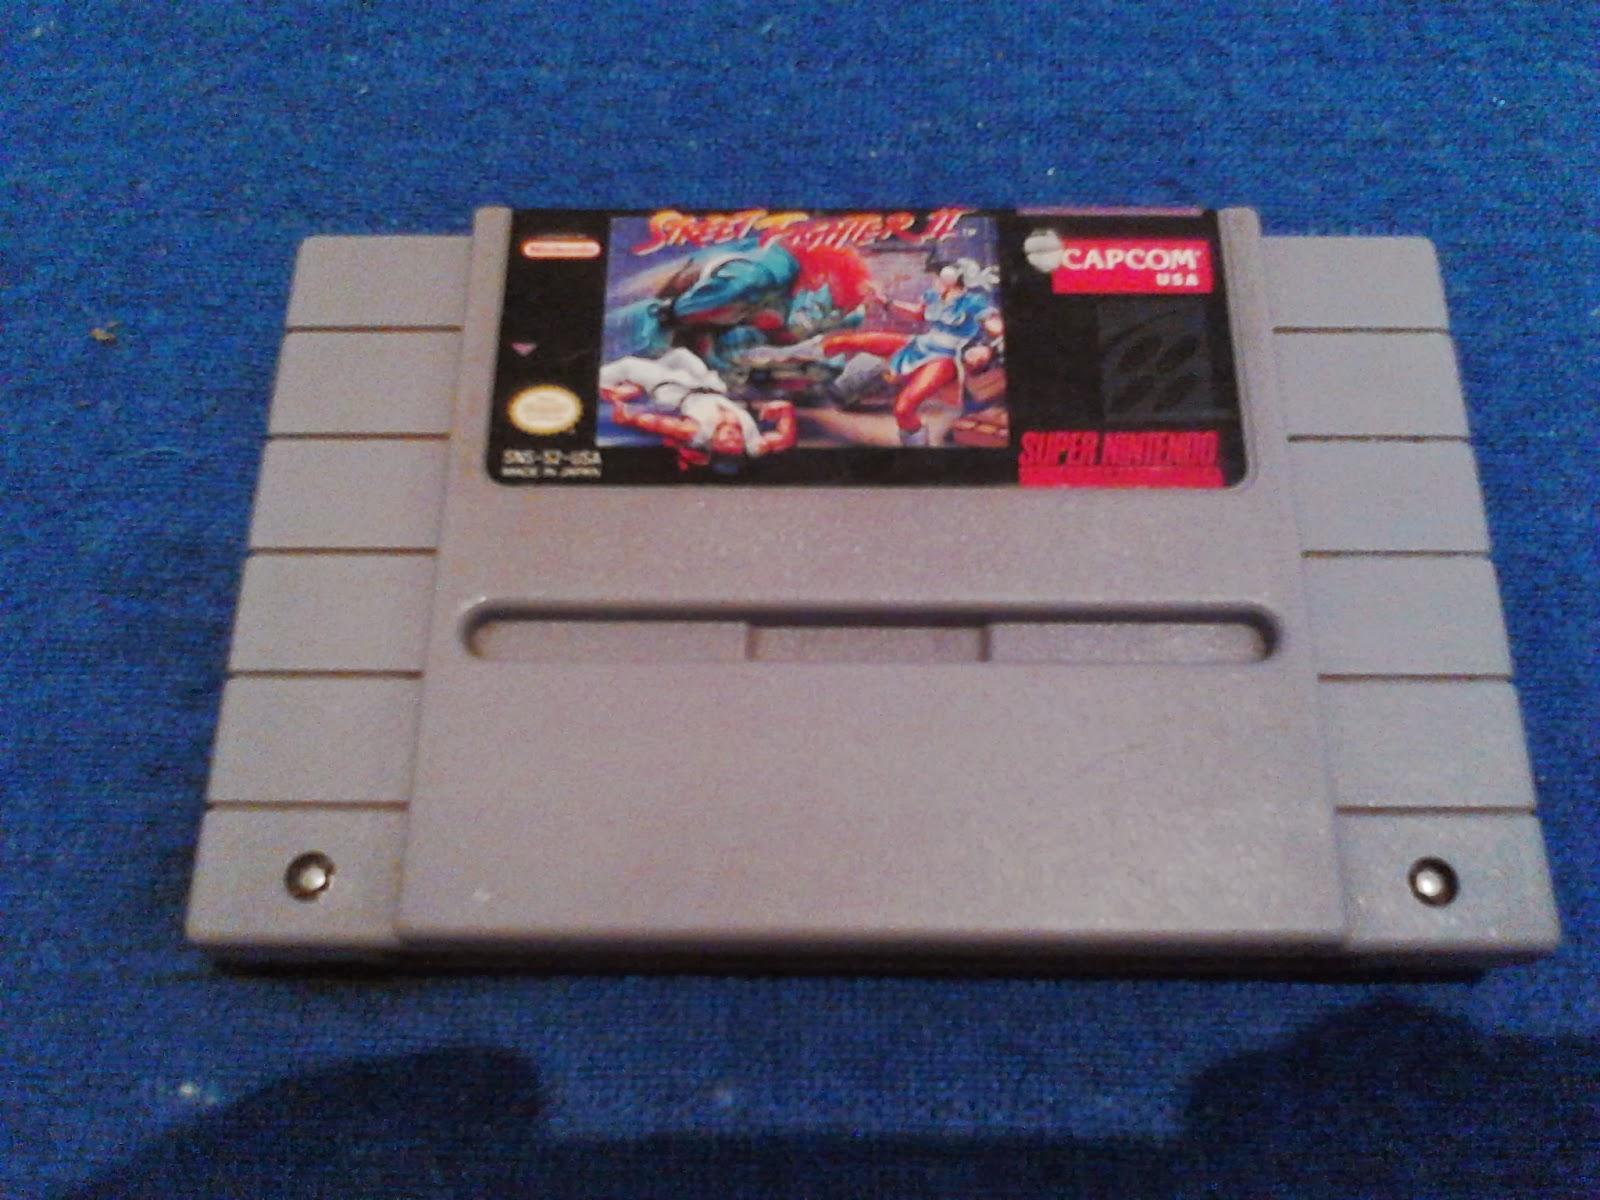 URUPANDA  ( COMPRA - VENTA - CANJE ) NES, Snes, Genesis, Megadrive, Family IMG_20140126_153342_0